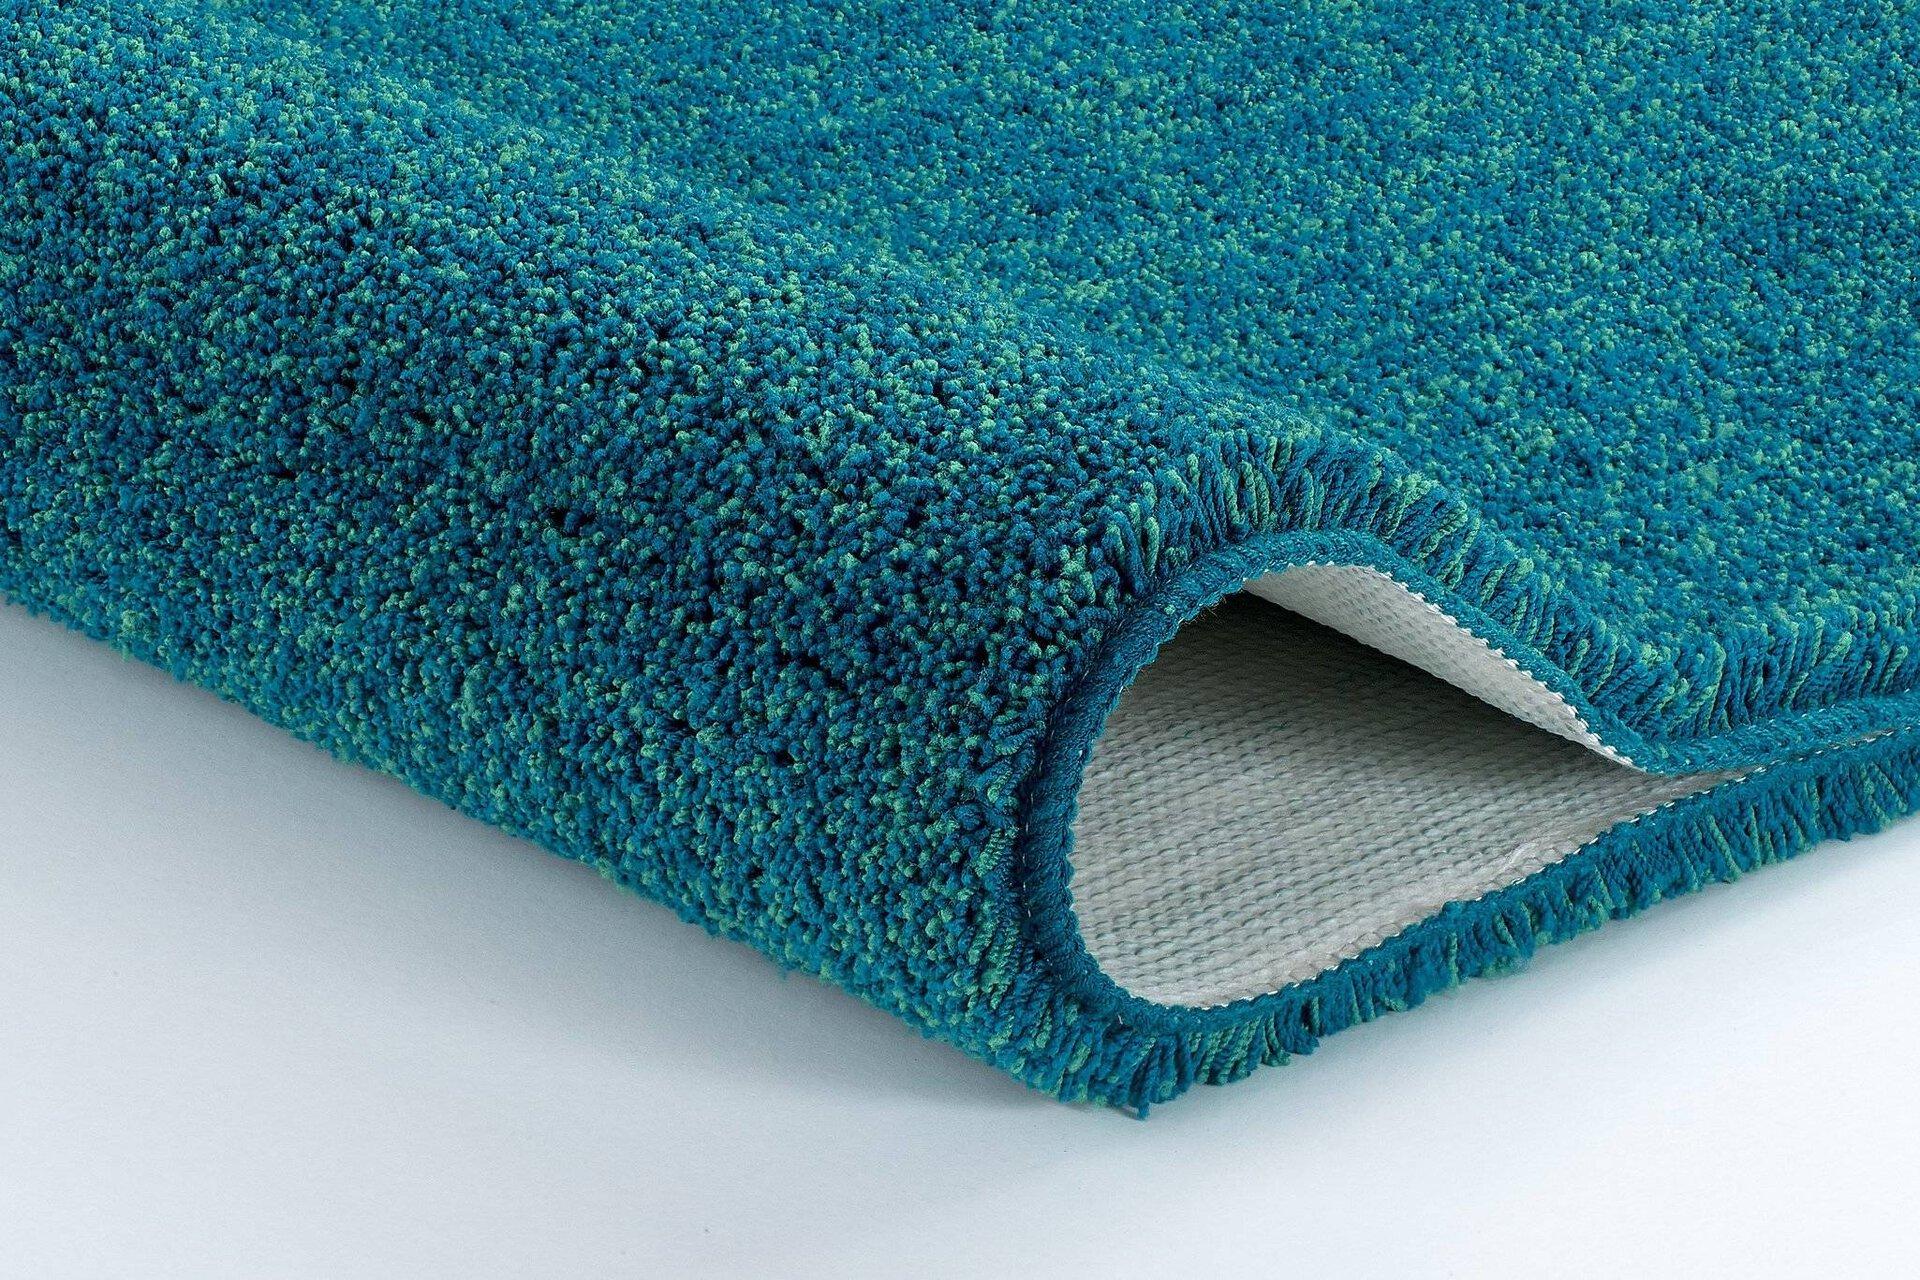 Badteppich Seattle Kleine Wolke Textil 90 x 3 x 60 cm